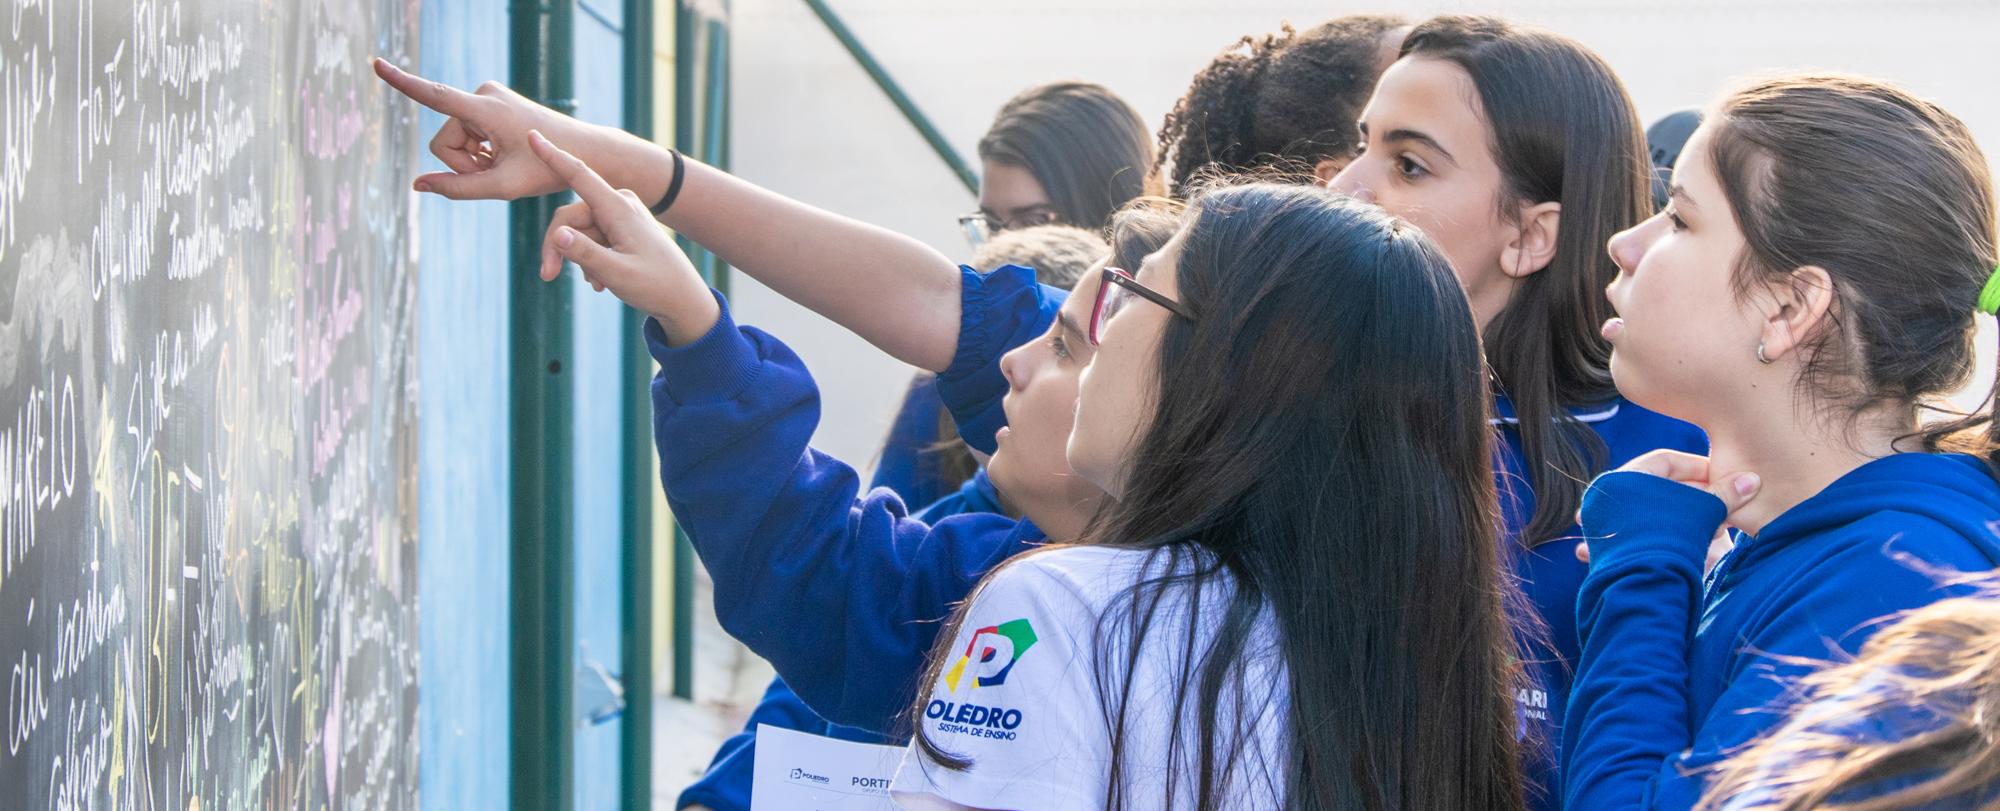 Chutômetro da XVIII GECAP agita os alunos do Portinari